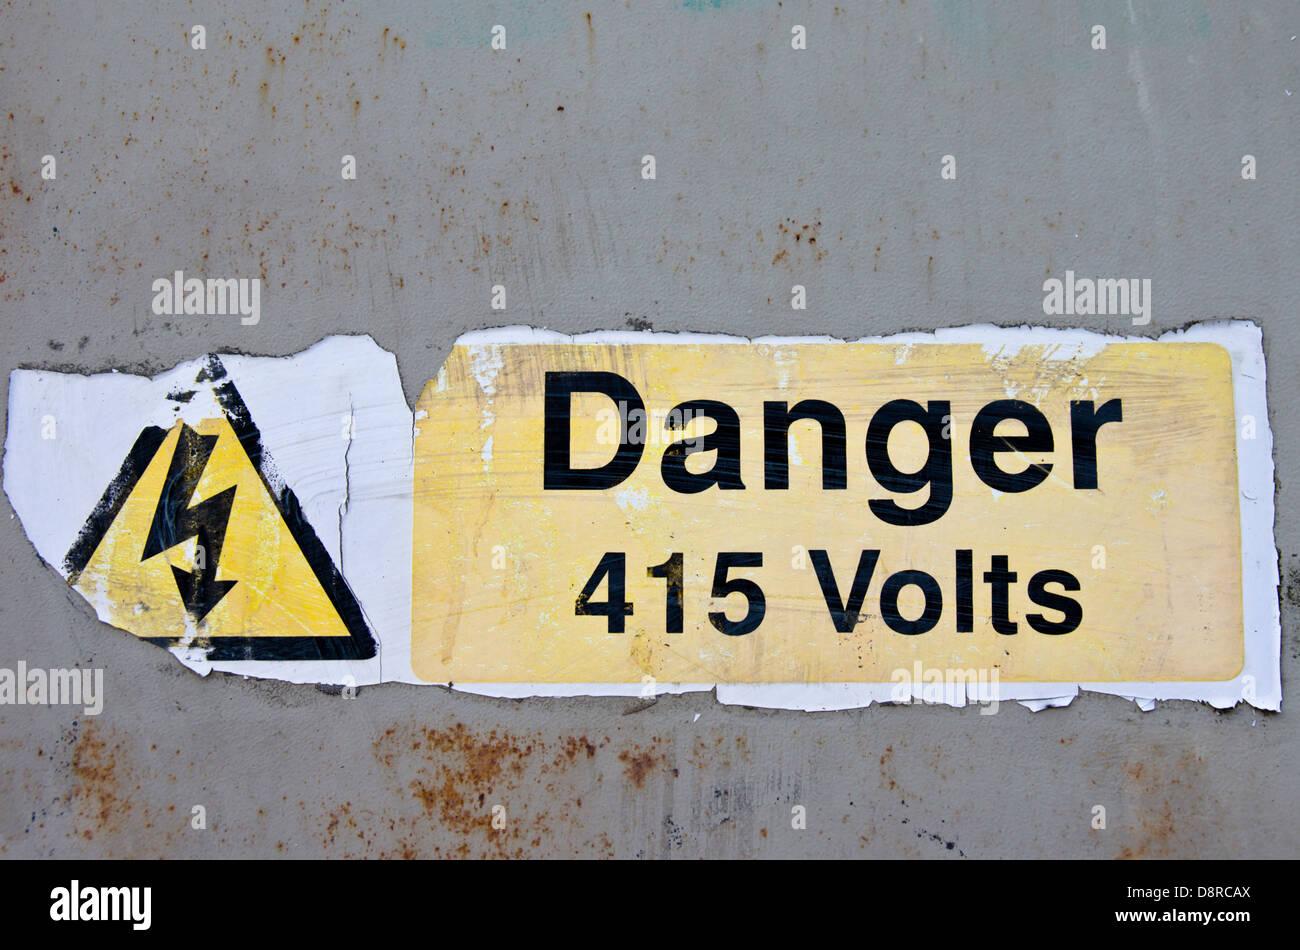 Danger Sign 415 volts - Stock Image